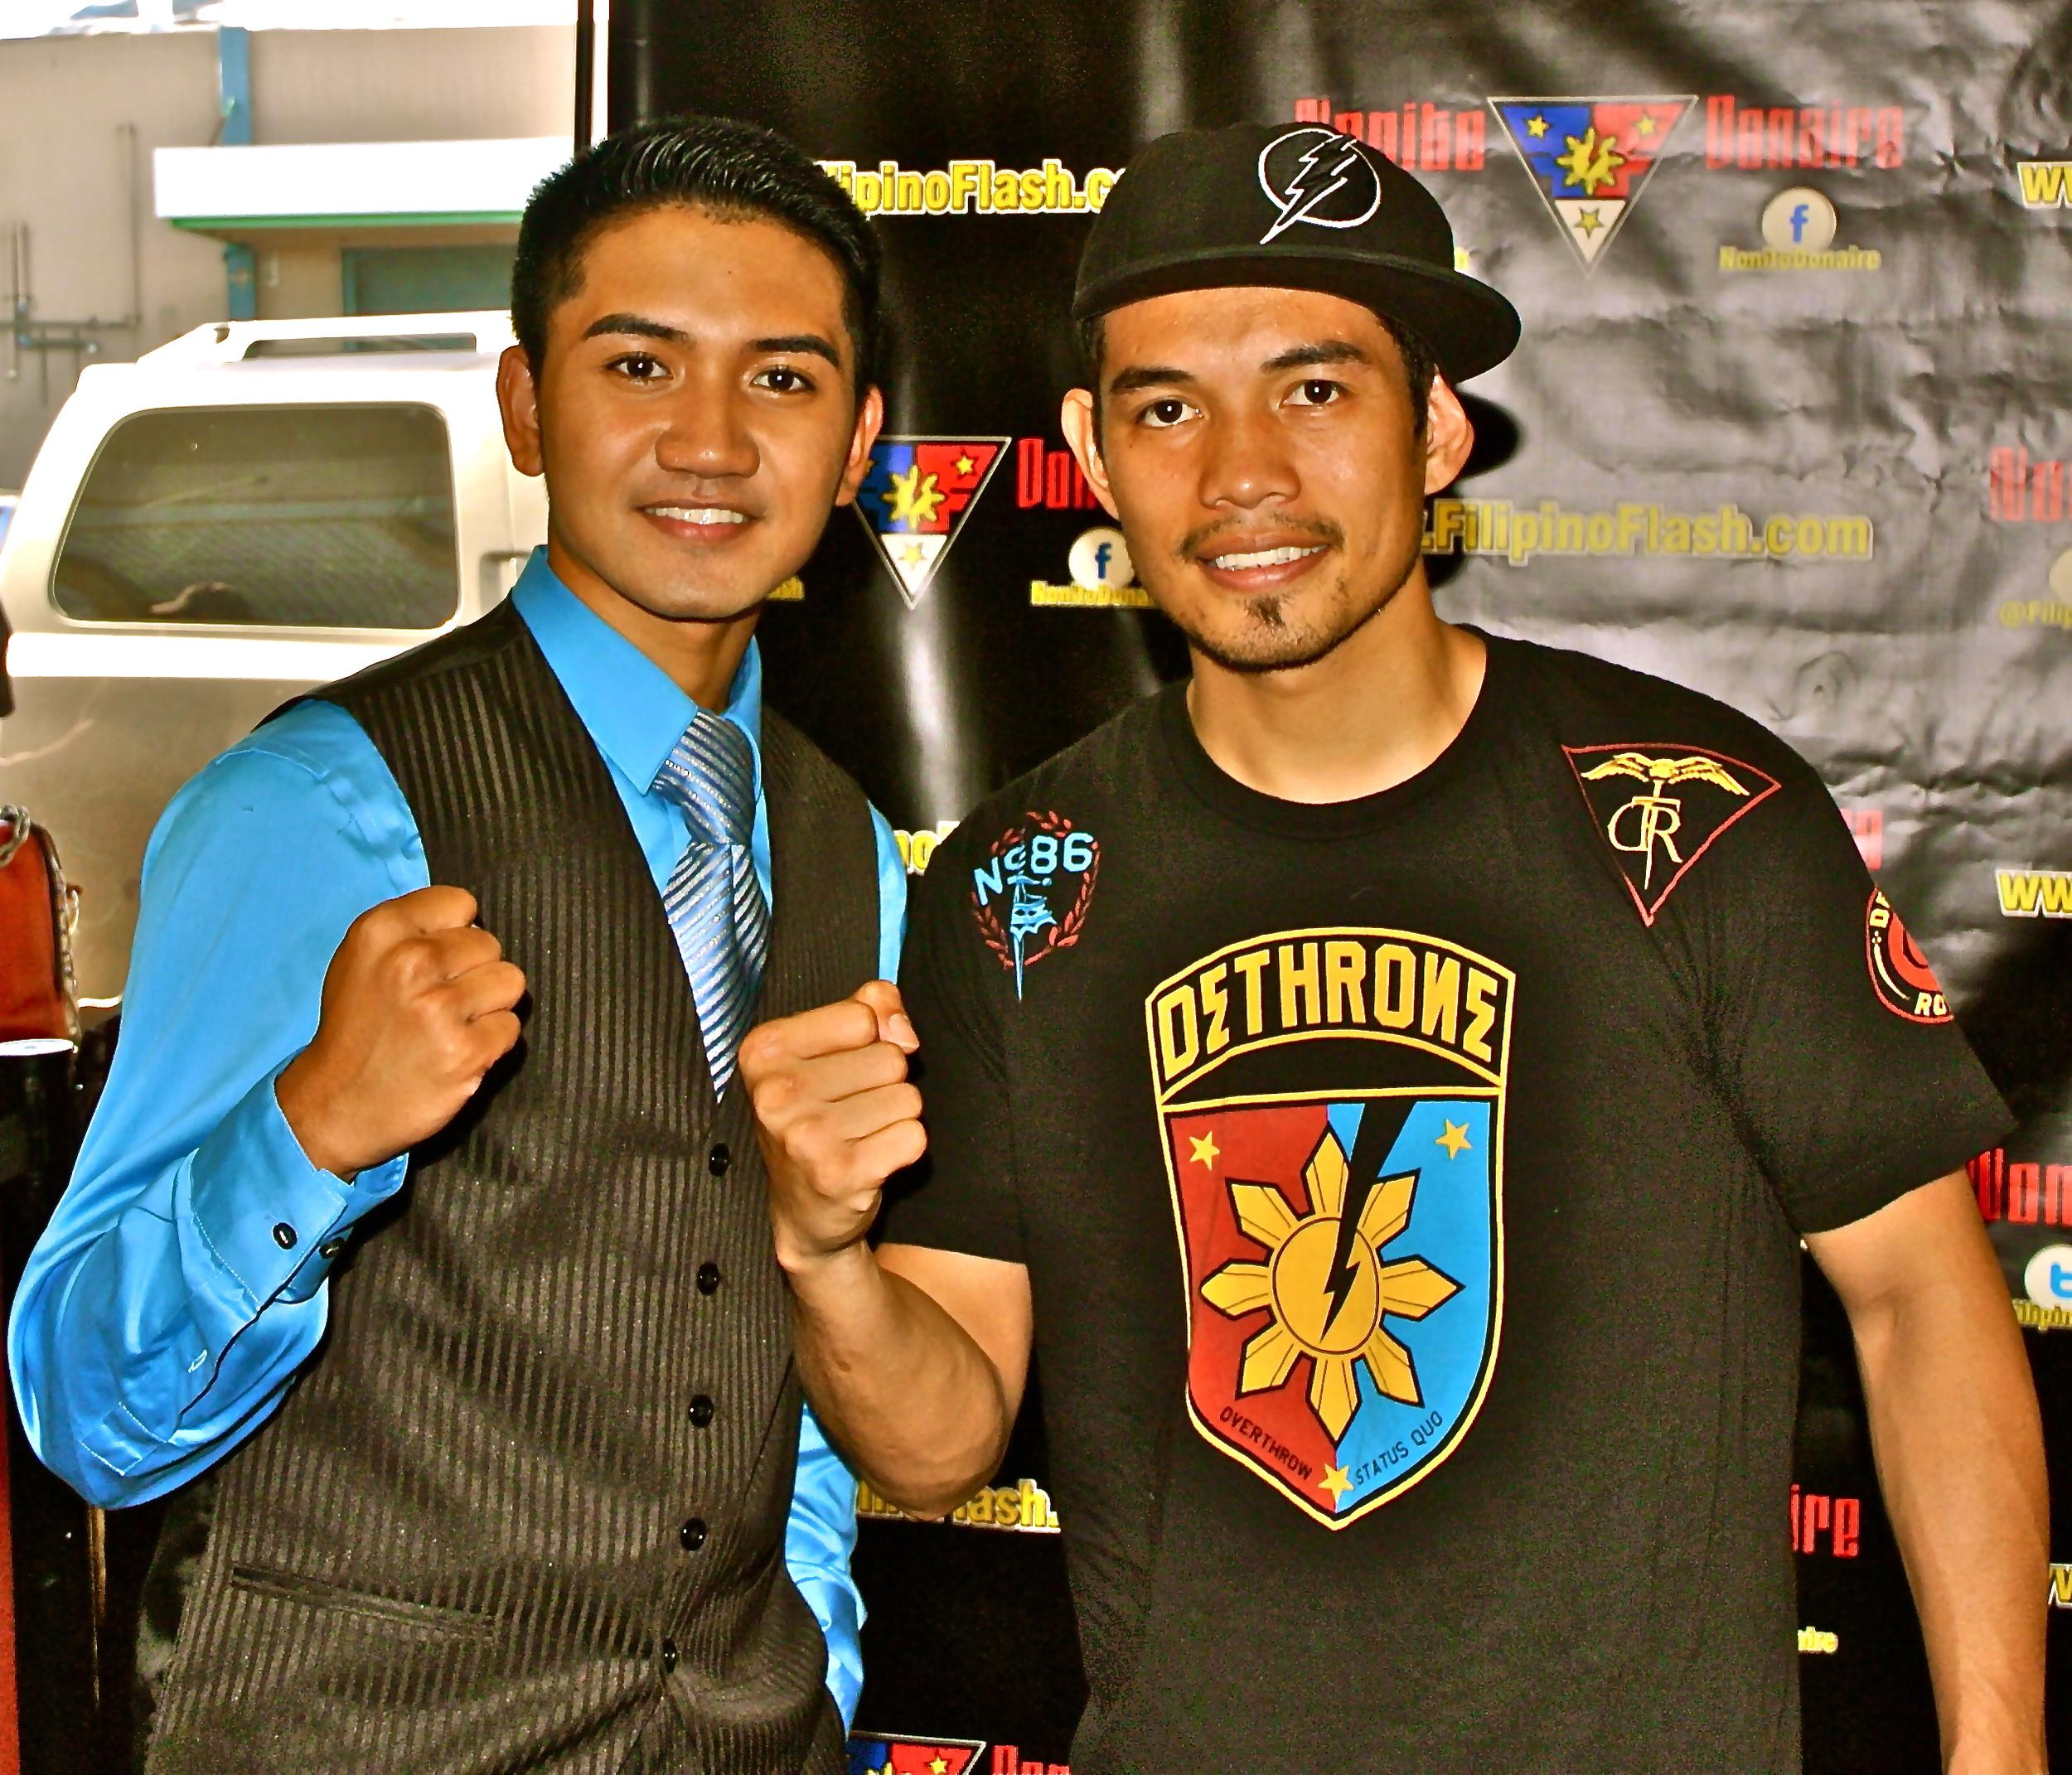 4x World Boxing Champion - Nonito Donaire Jr.